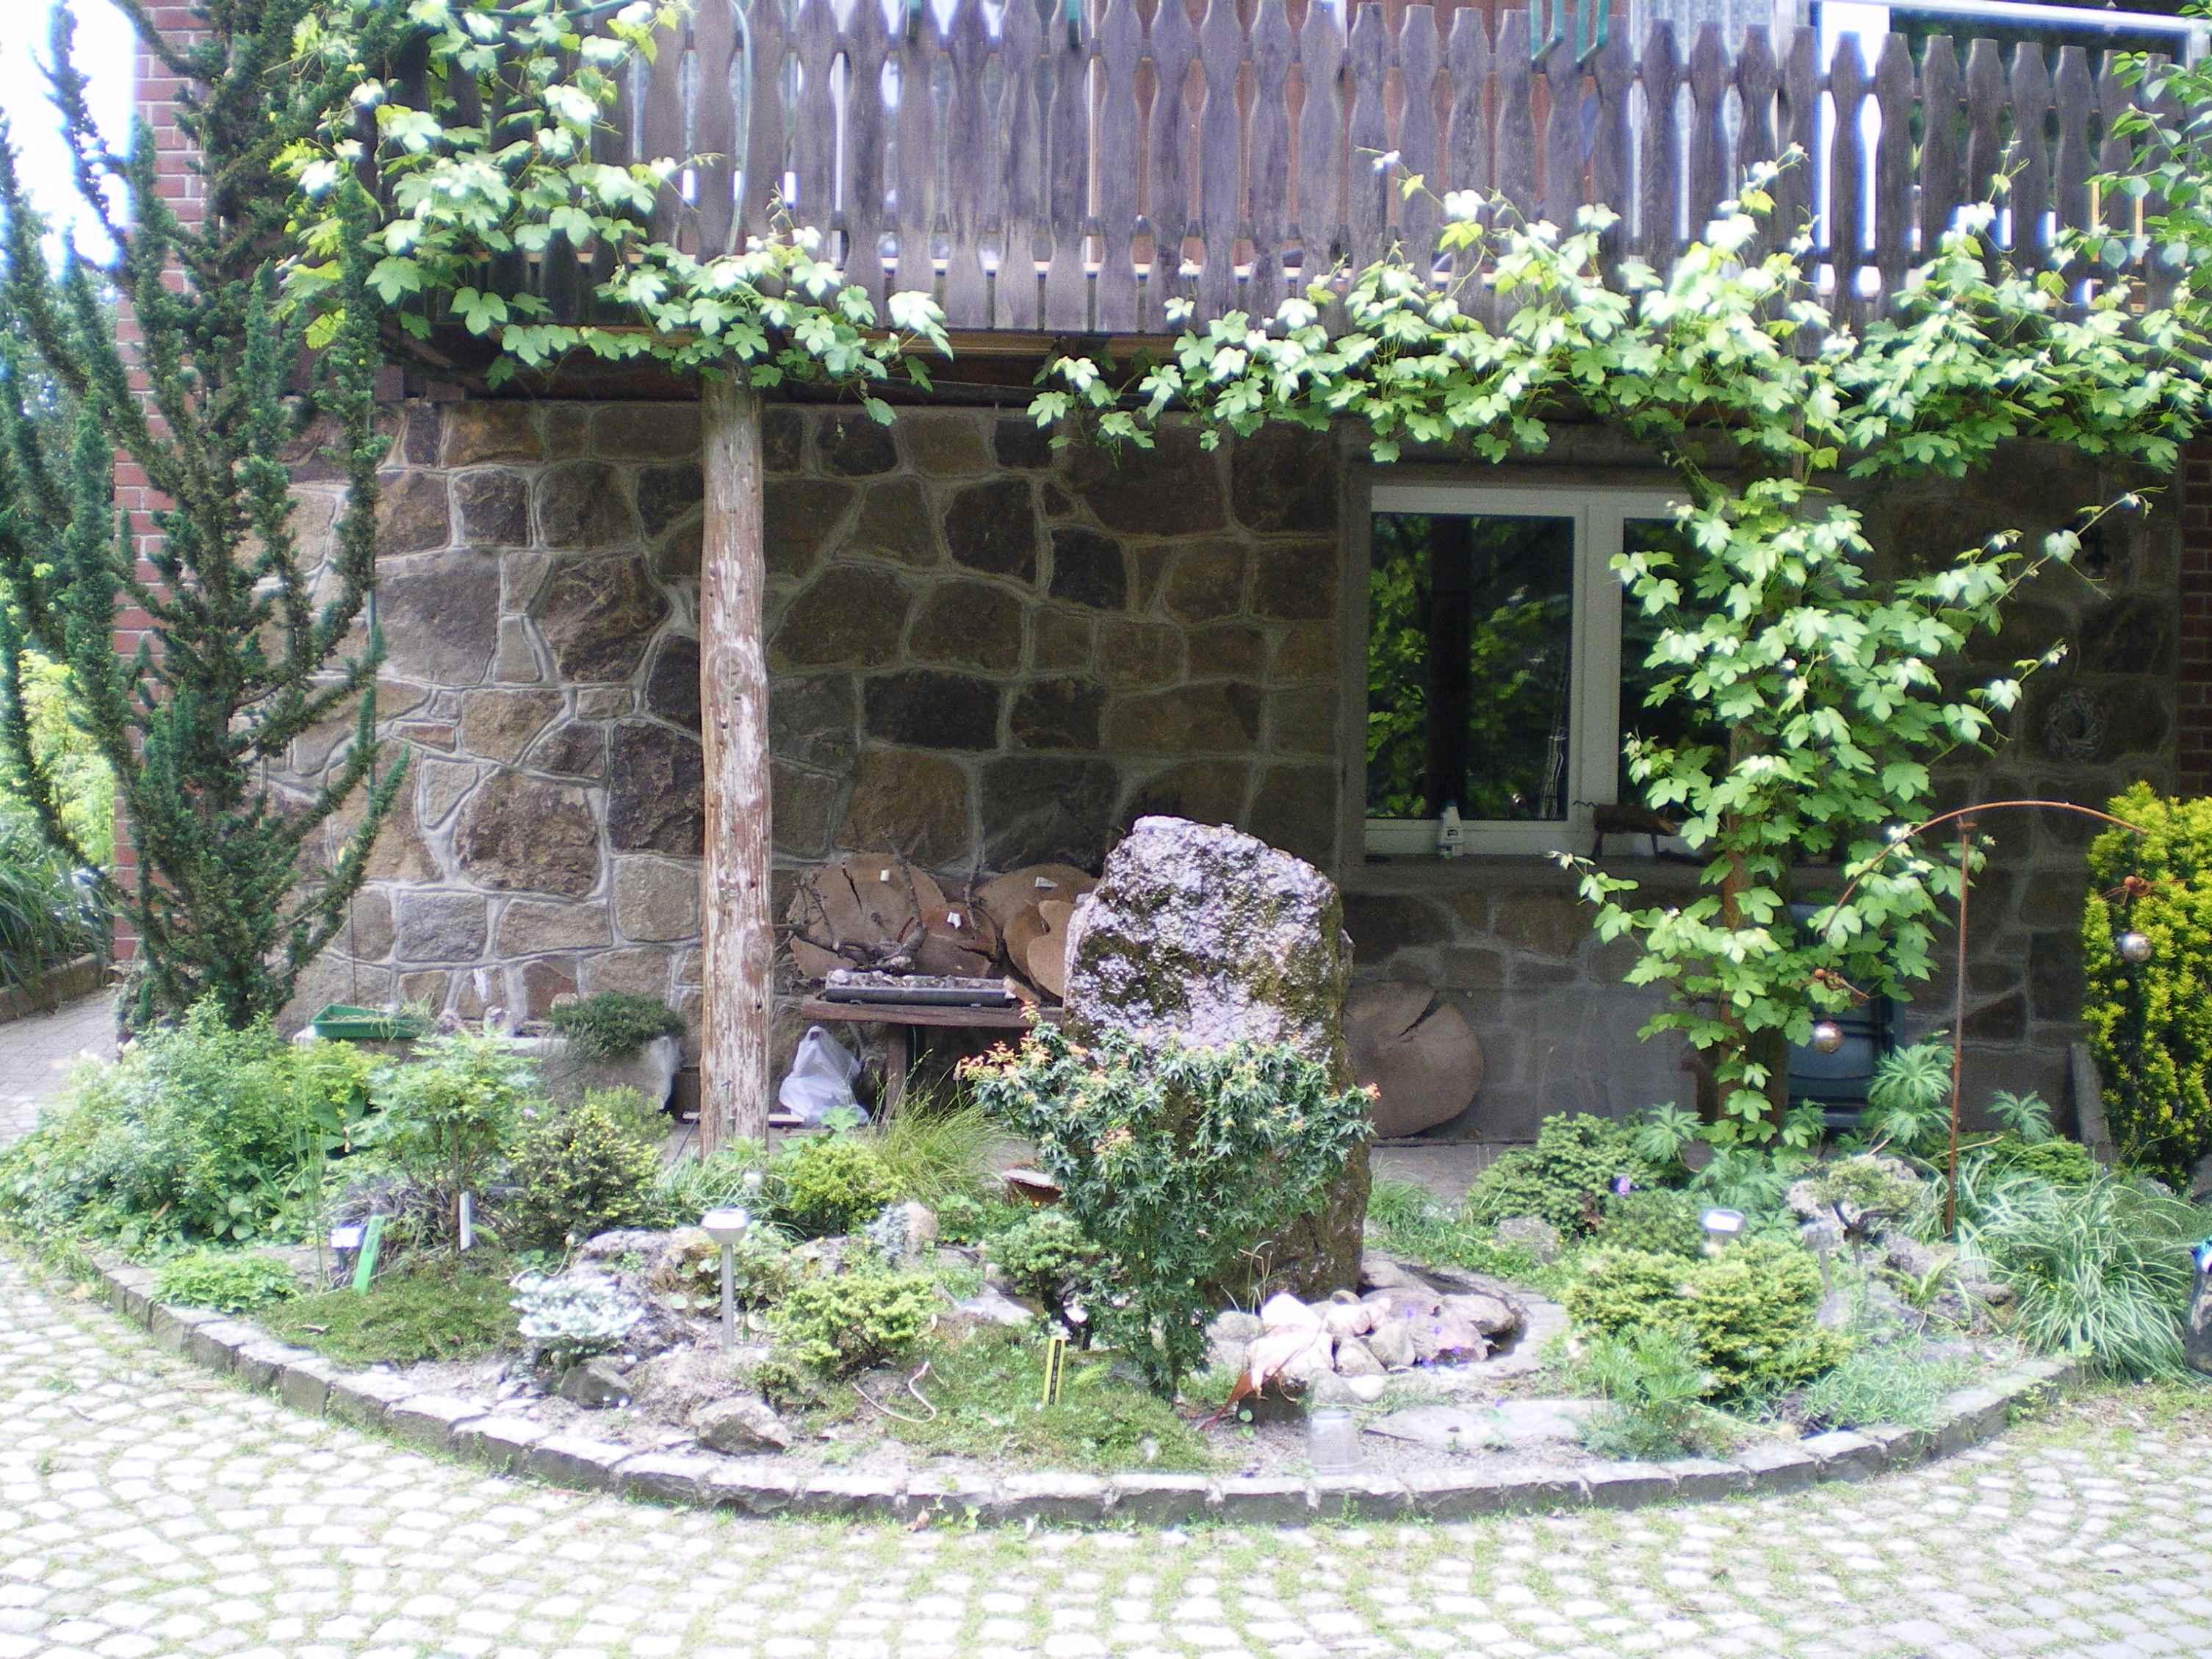 Garten Und Landschaftsbau Recklinghausen gartenbauer in recklinghausen auf gartenbau org